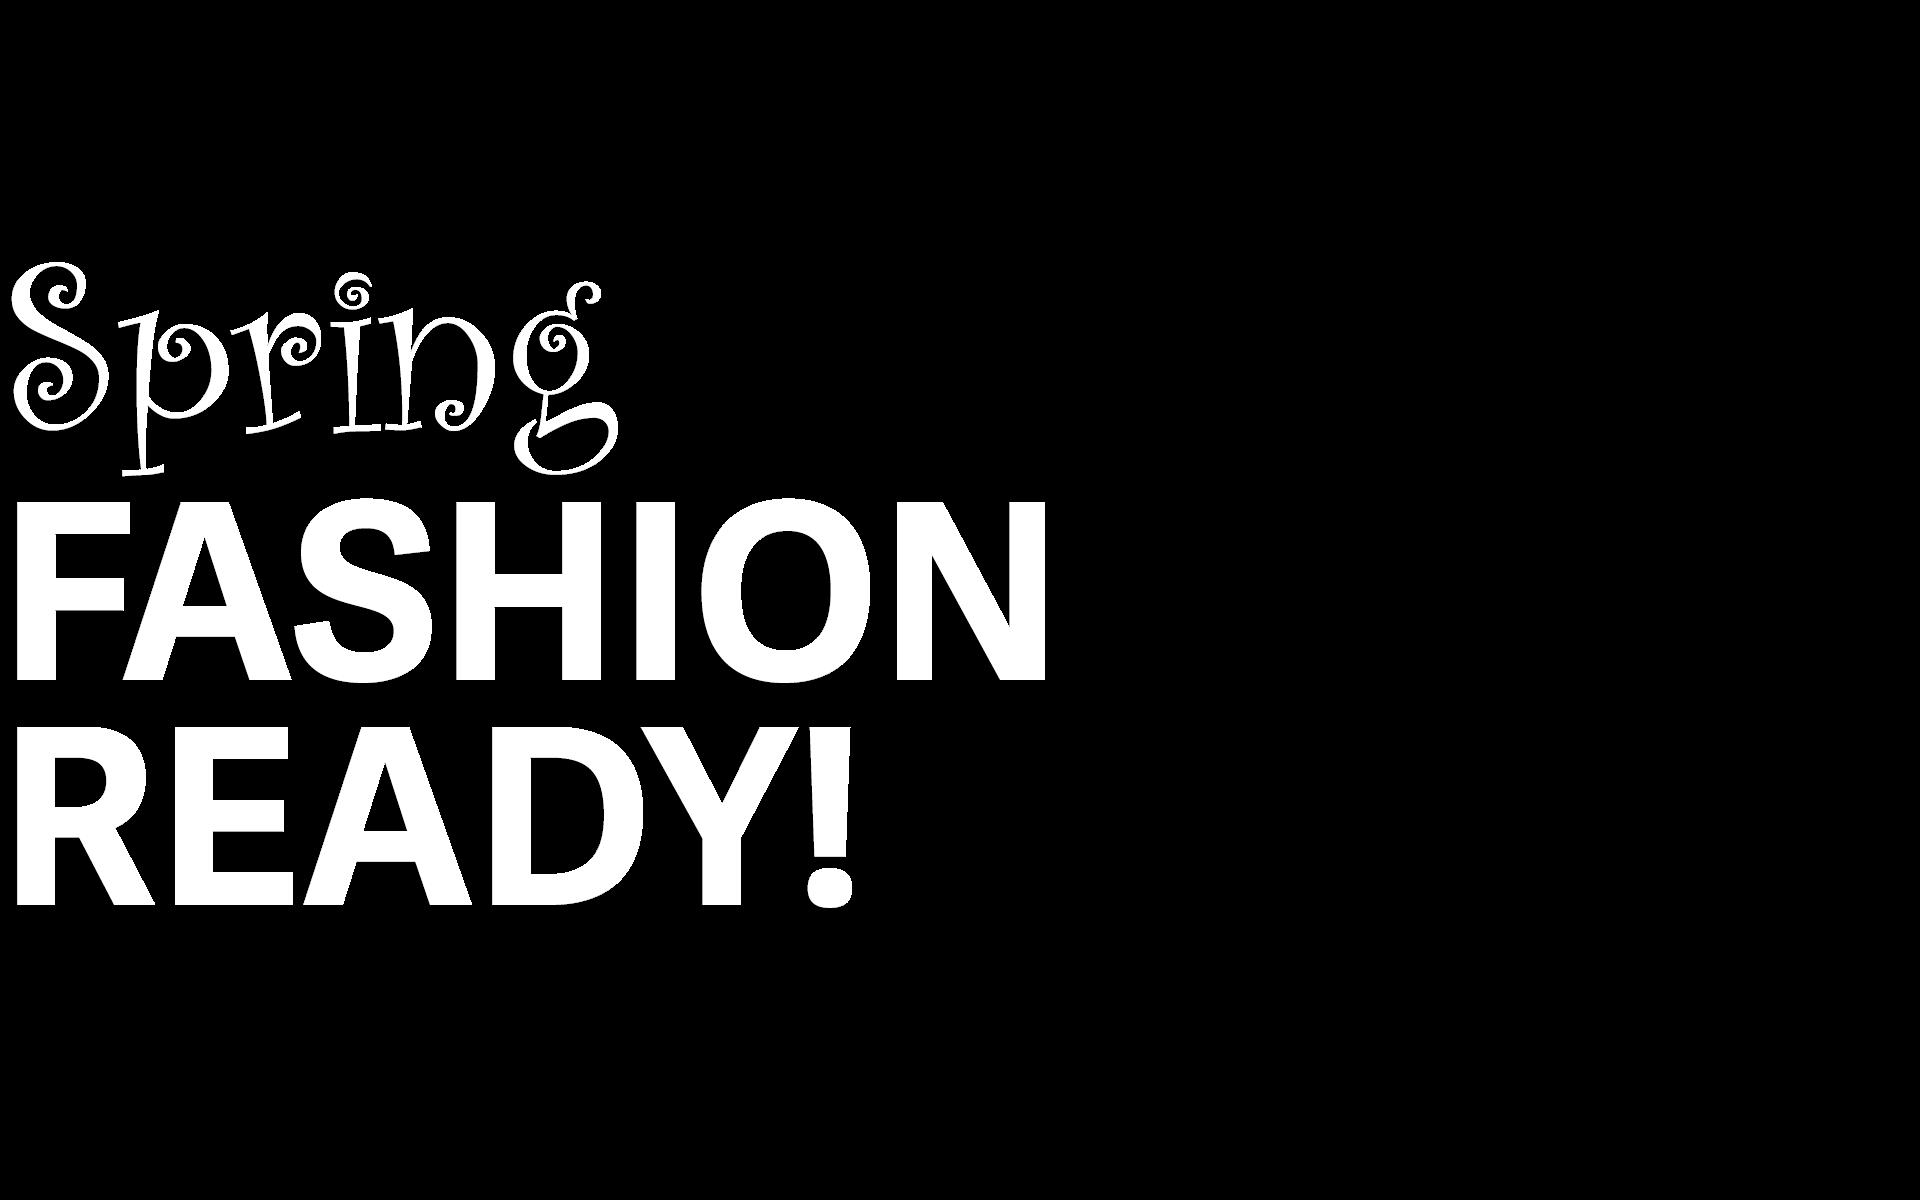 Spring Fashion Ready